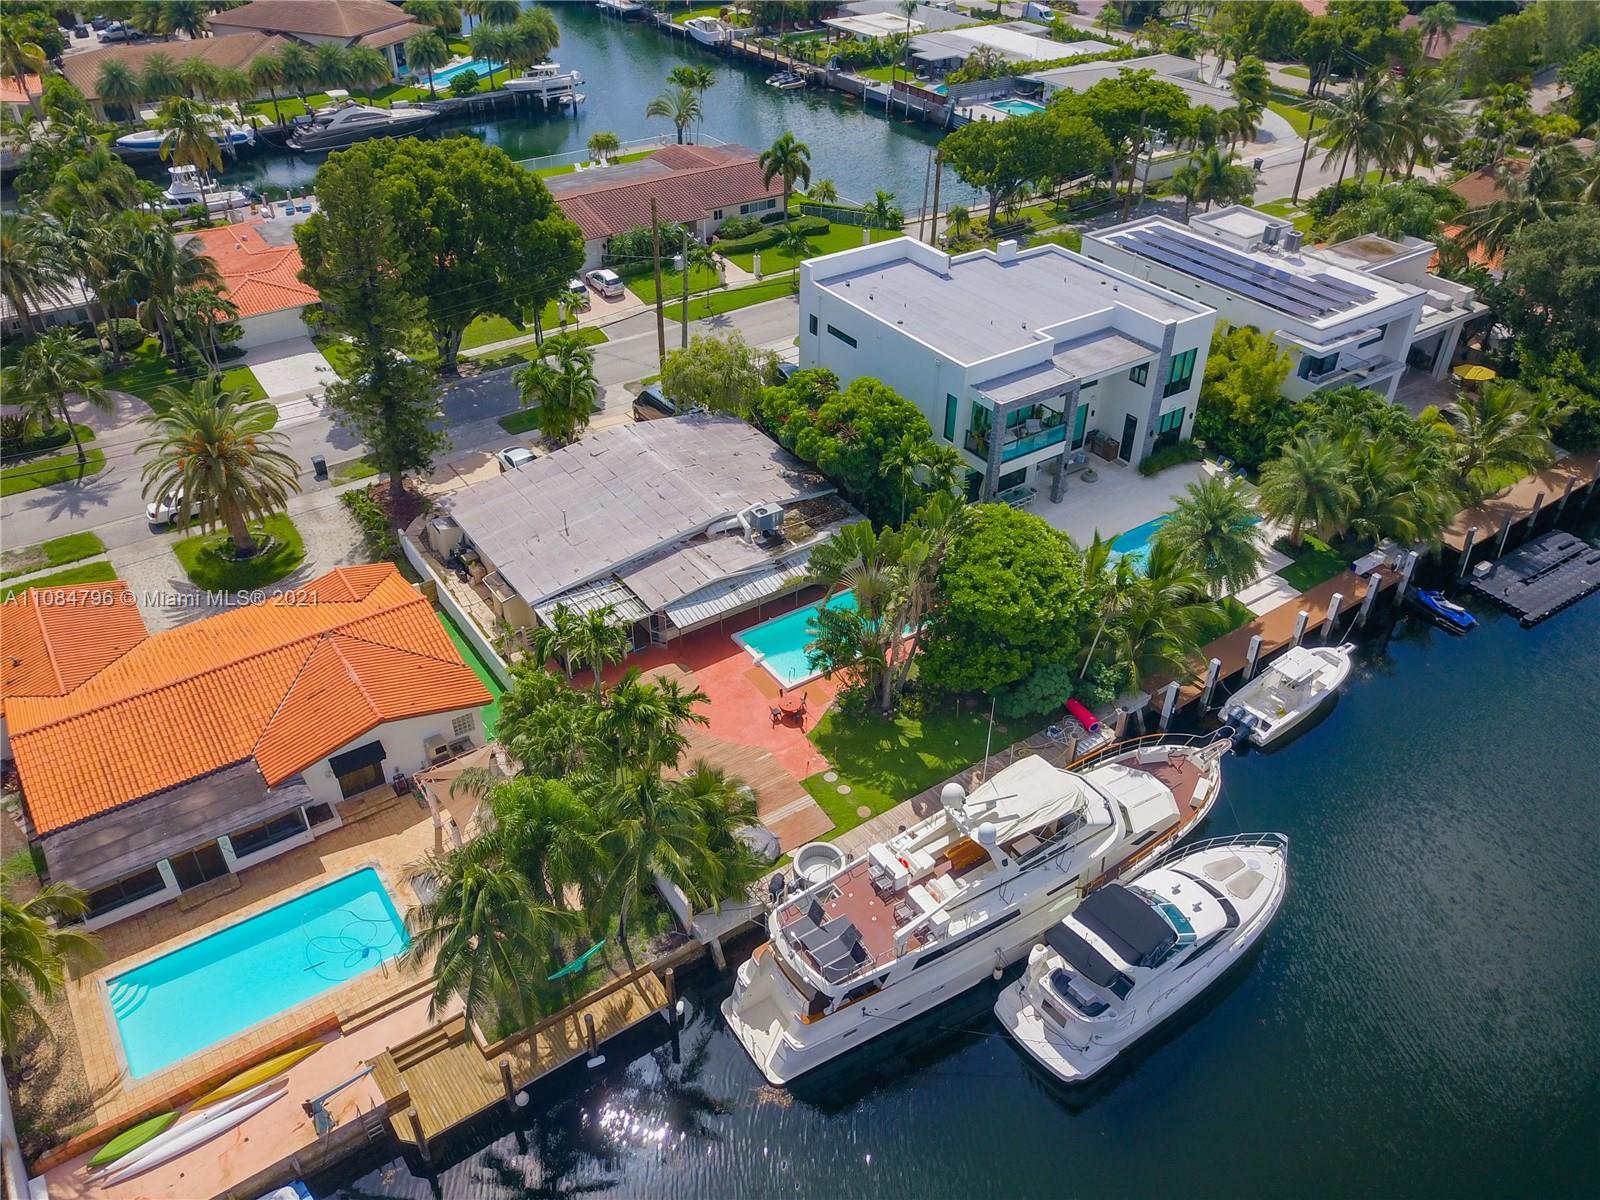 Keystone Point - 12700 N Bayshore Dr, North Miami, FL 33181